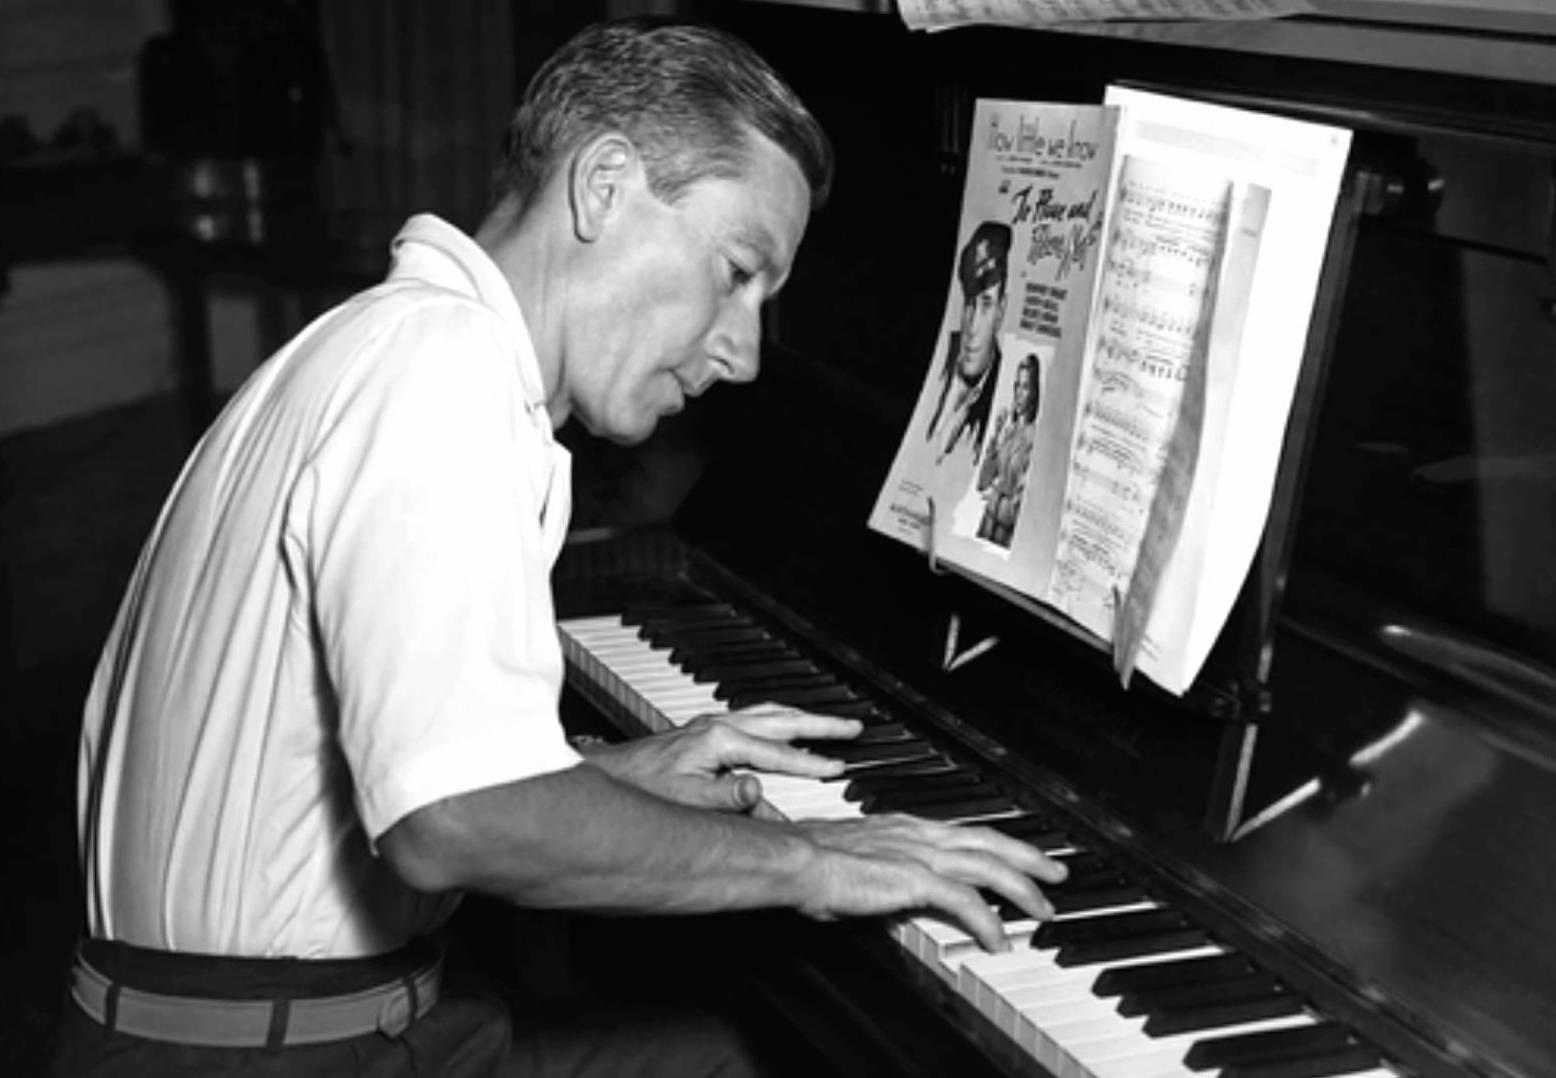 Hoagy Carmichael at the piano.